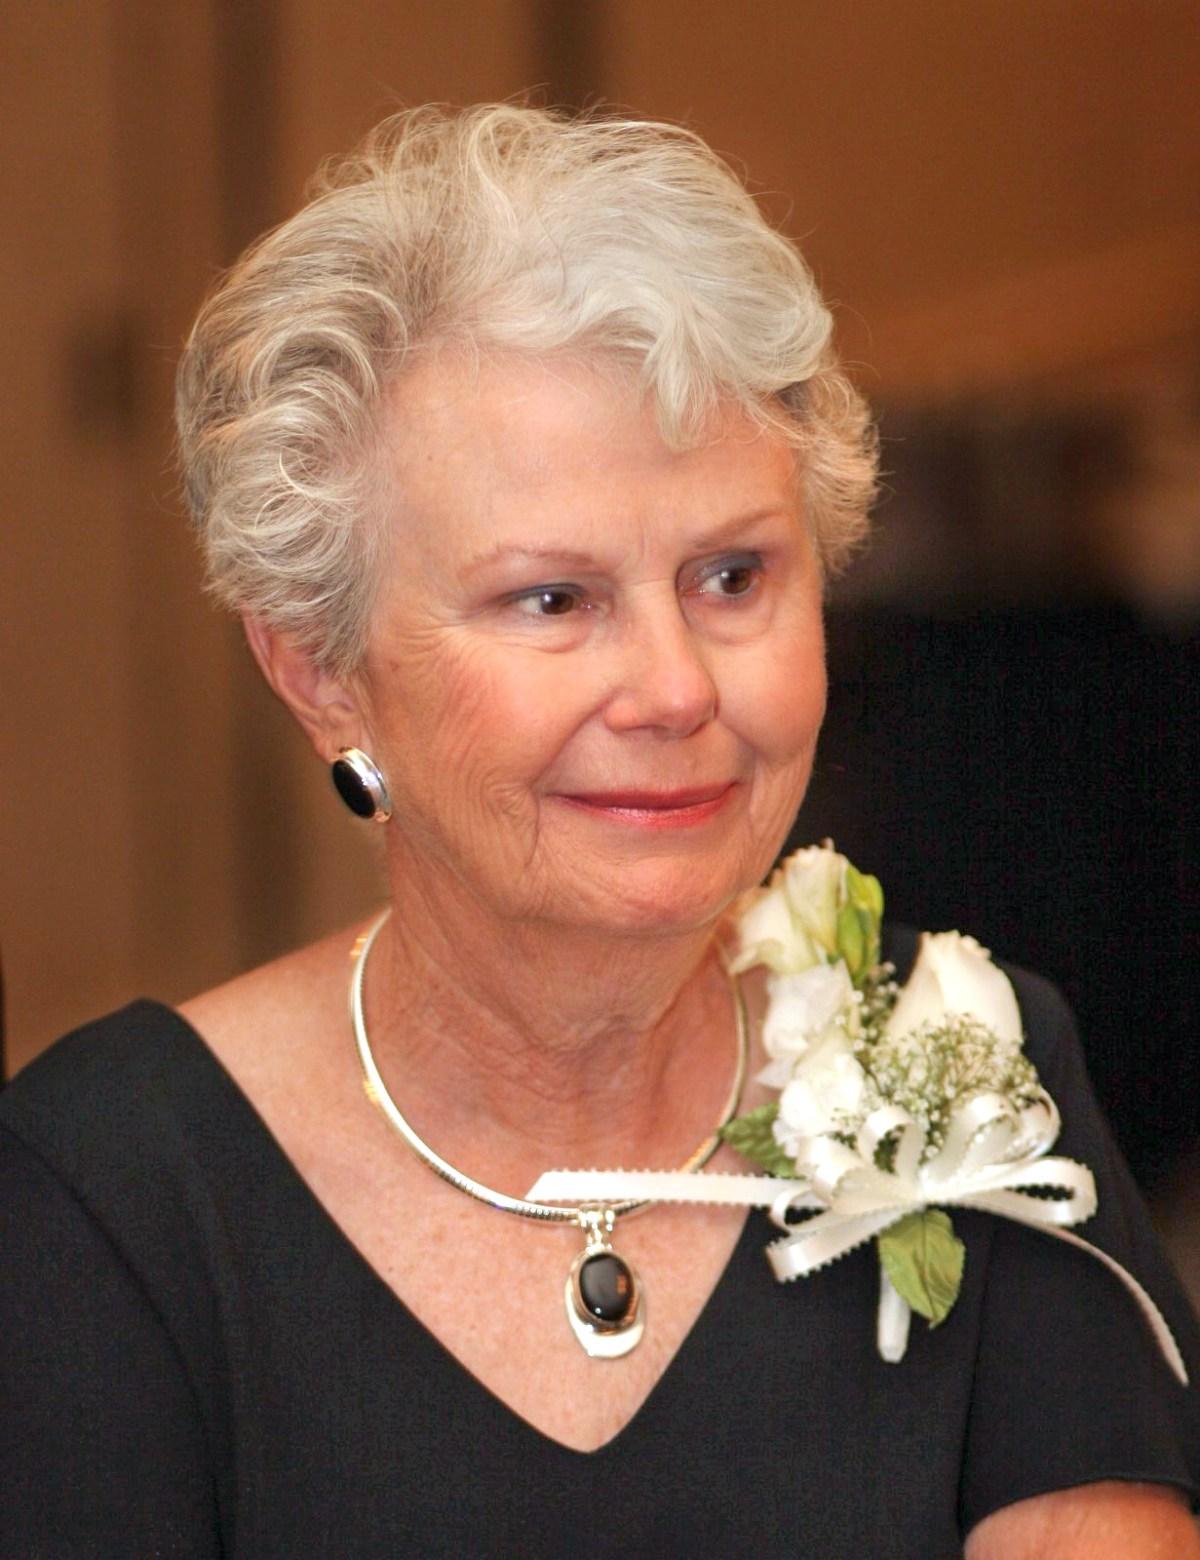 Geraldine Zimprich